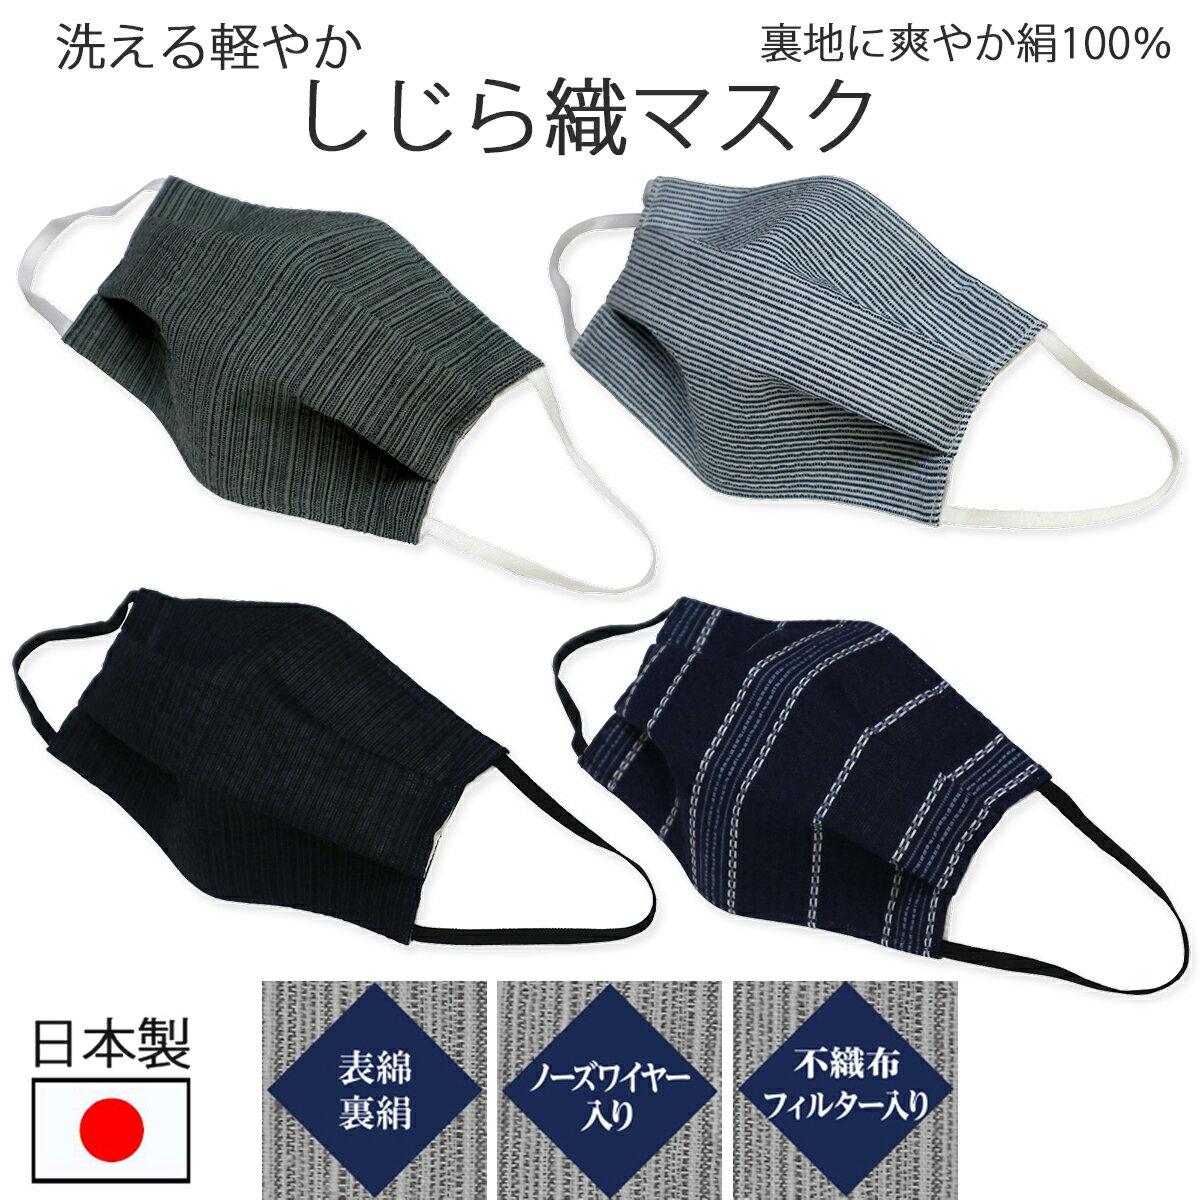 シルク 小杉 マスク 織物